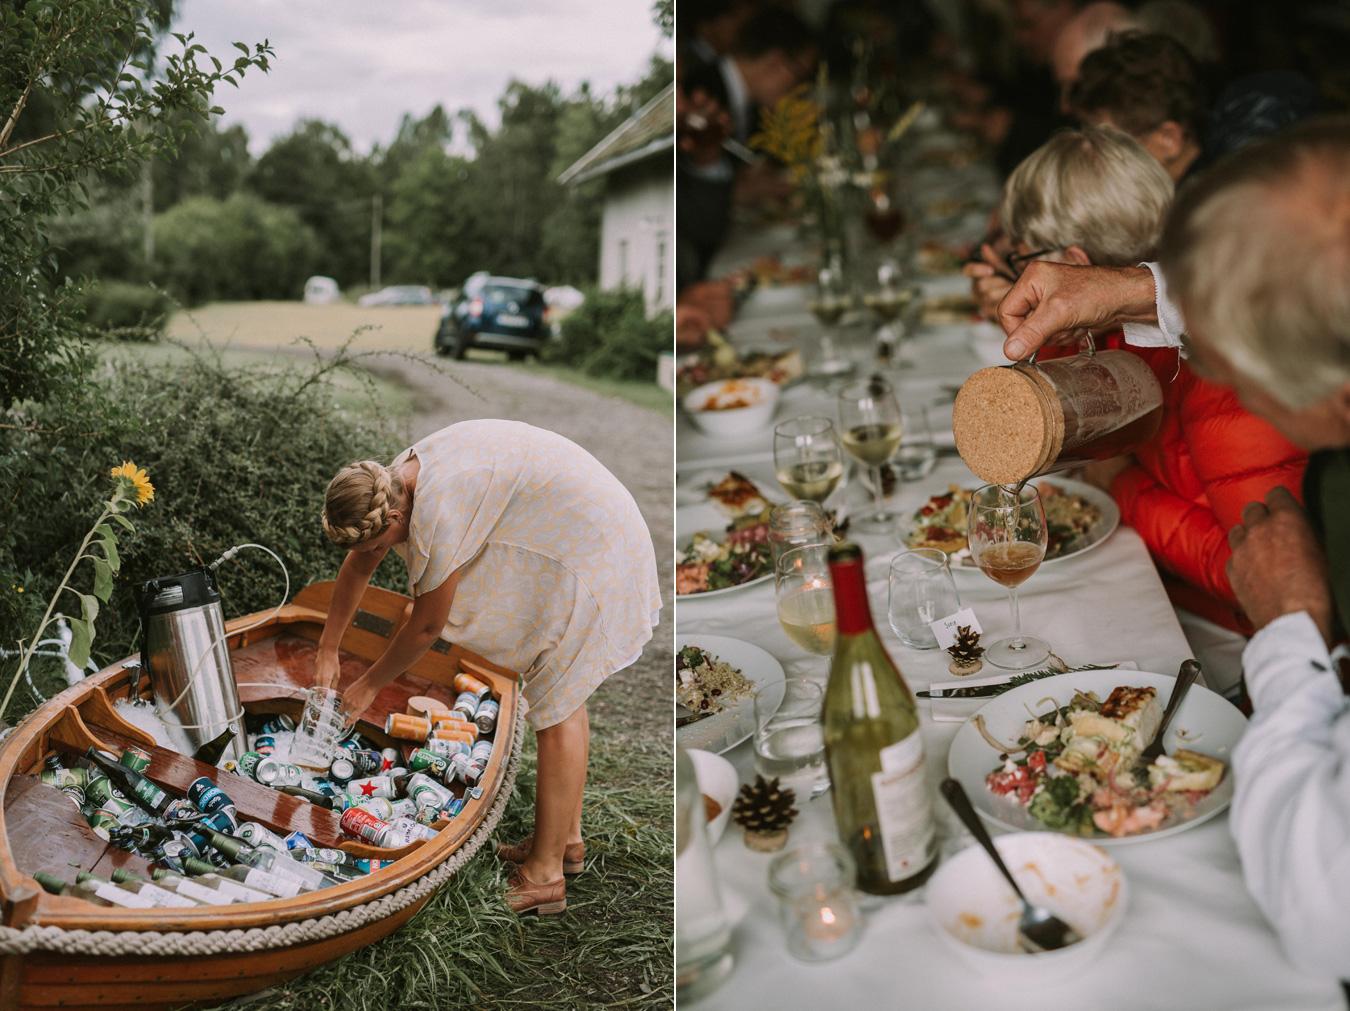 057-bryllupsfotograf-oslo-drobak-laavebryllup-tone-tvedt.jpg